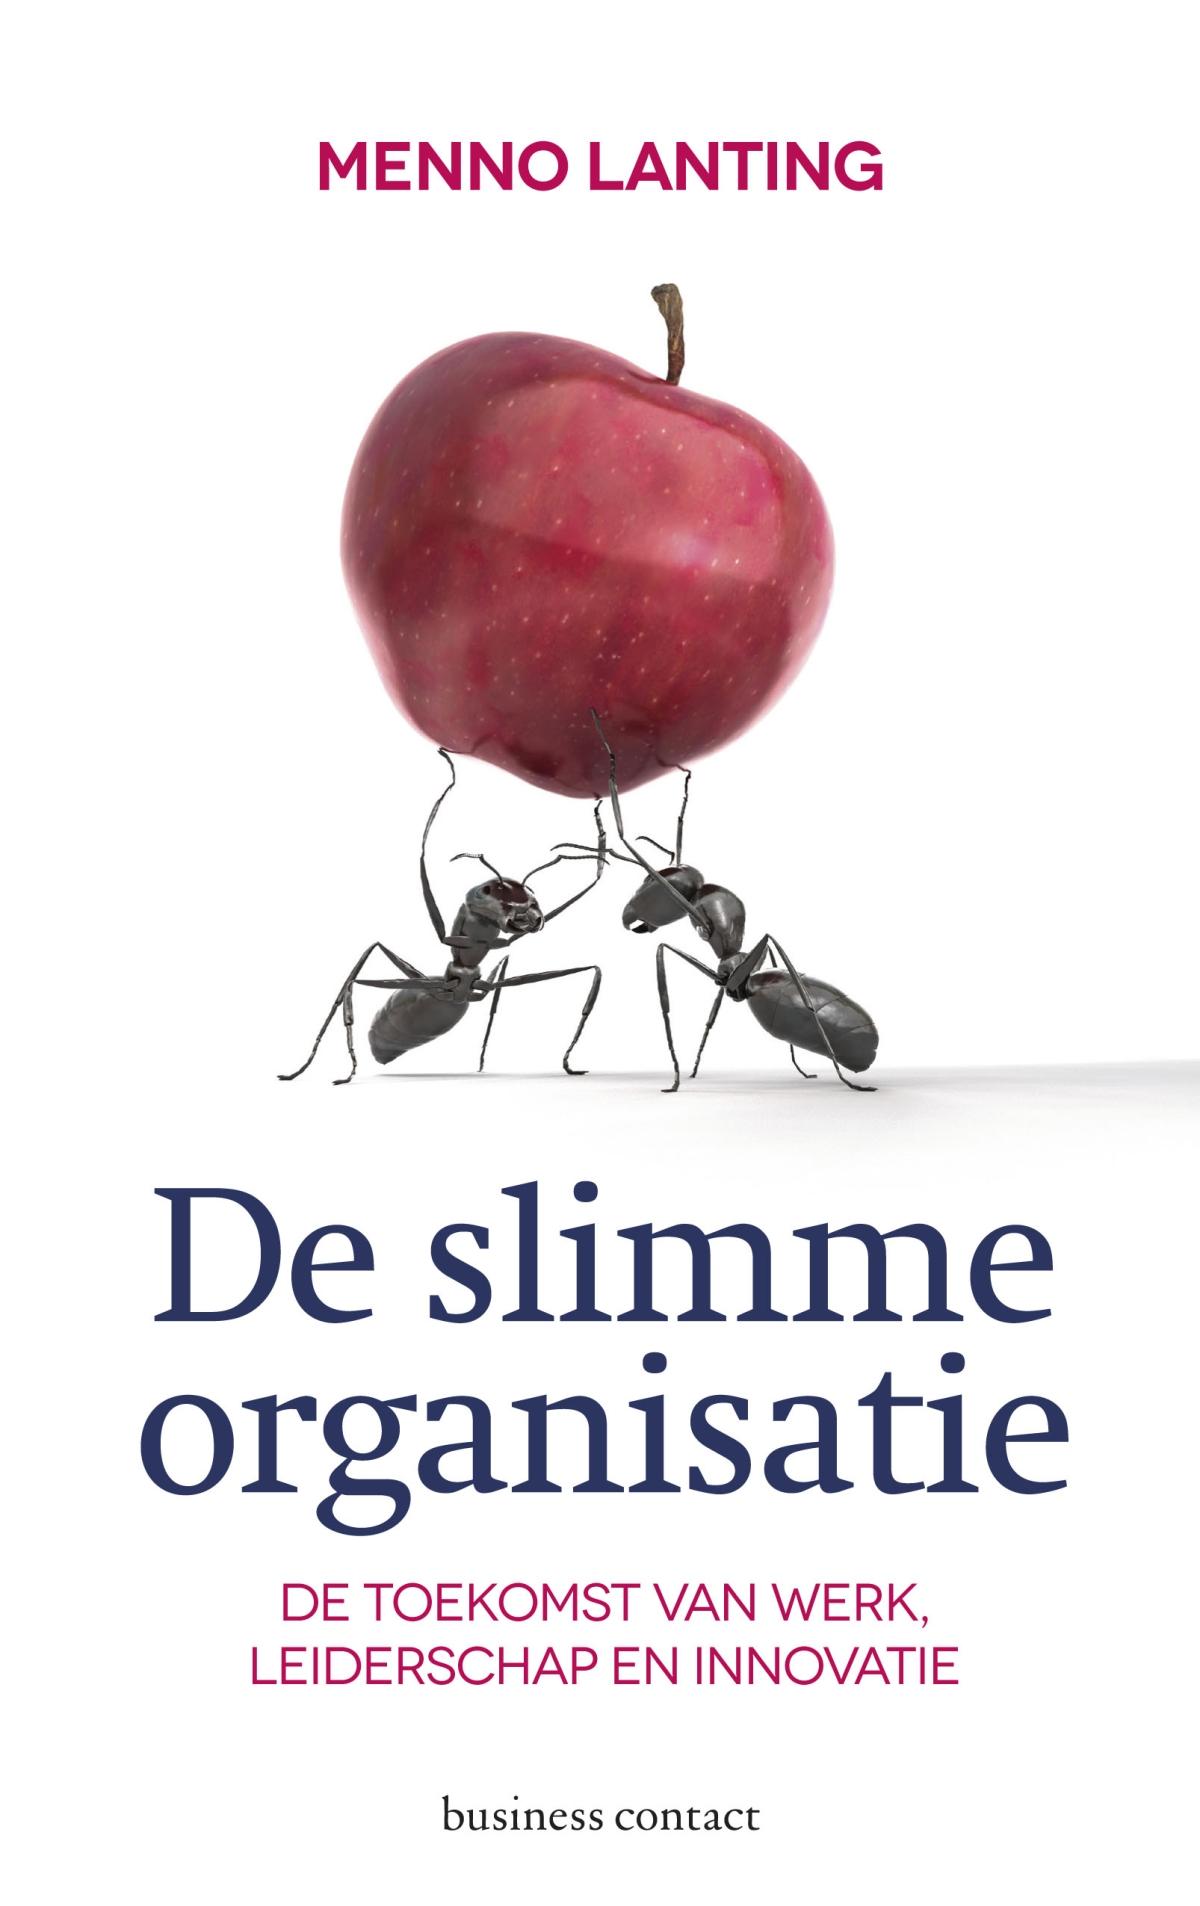 De slimme organisatie - Menno Lanting